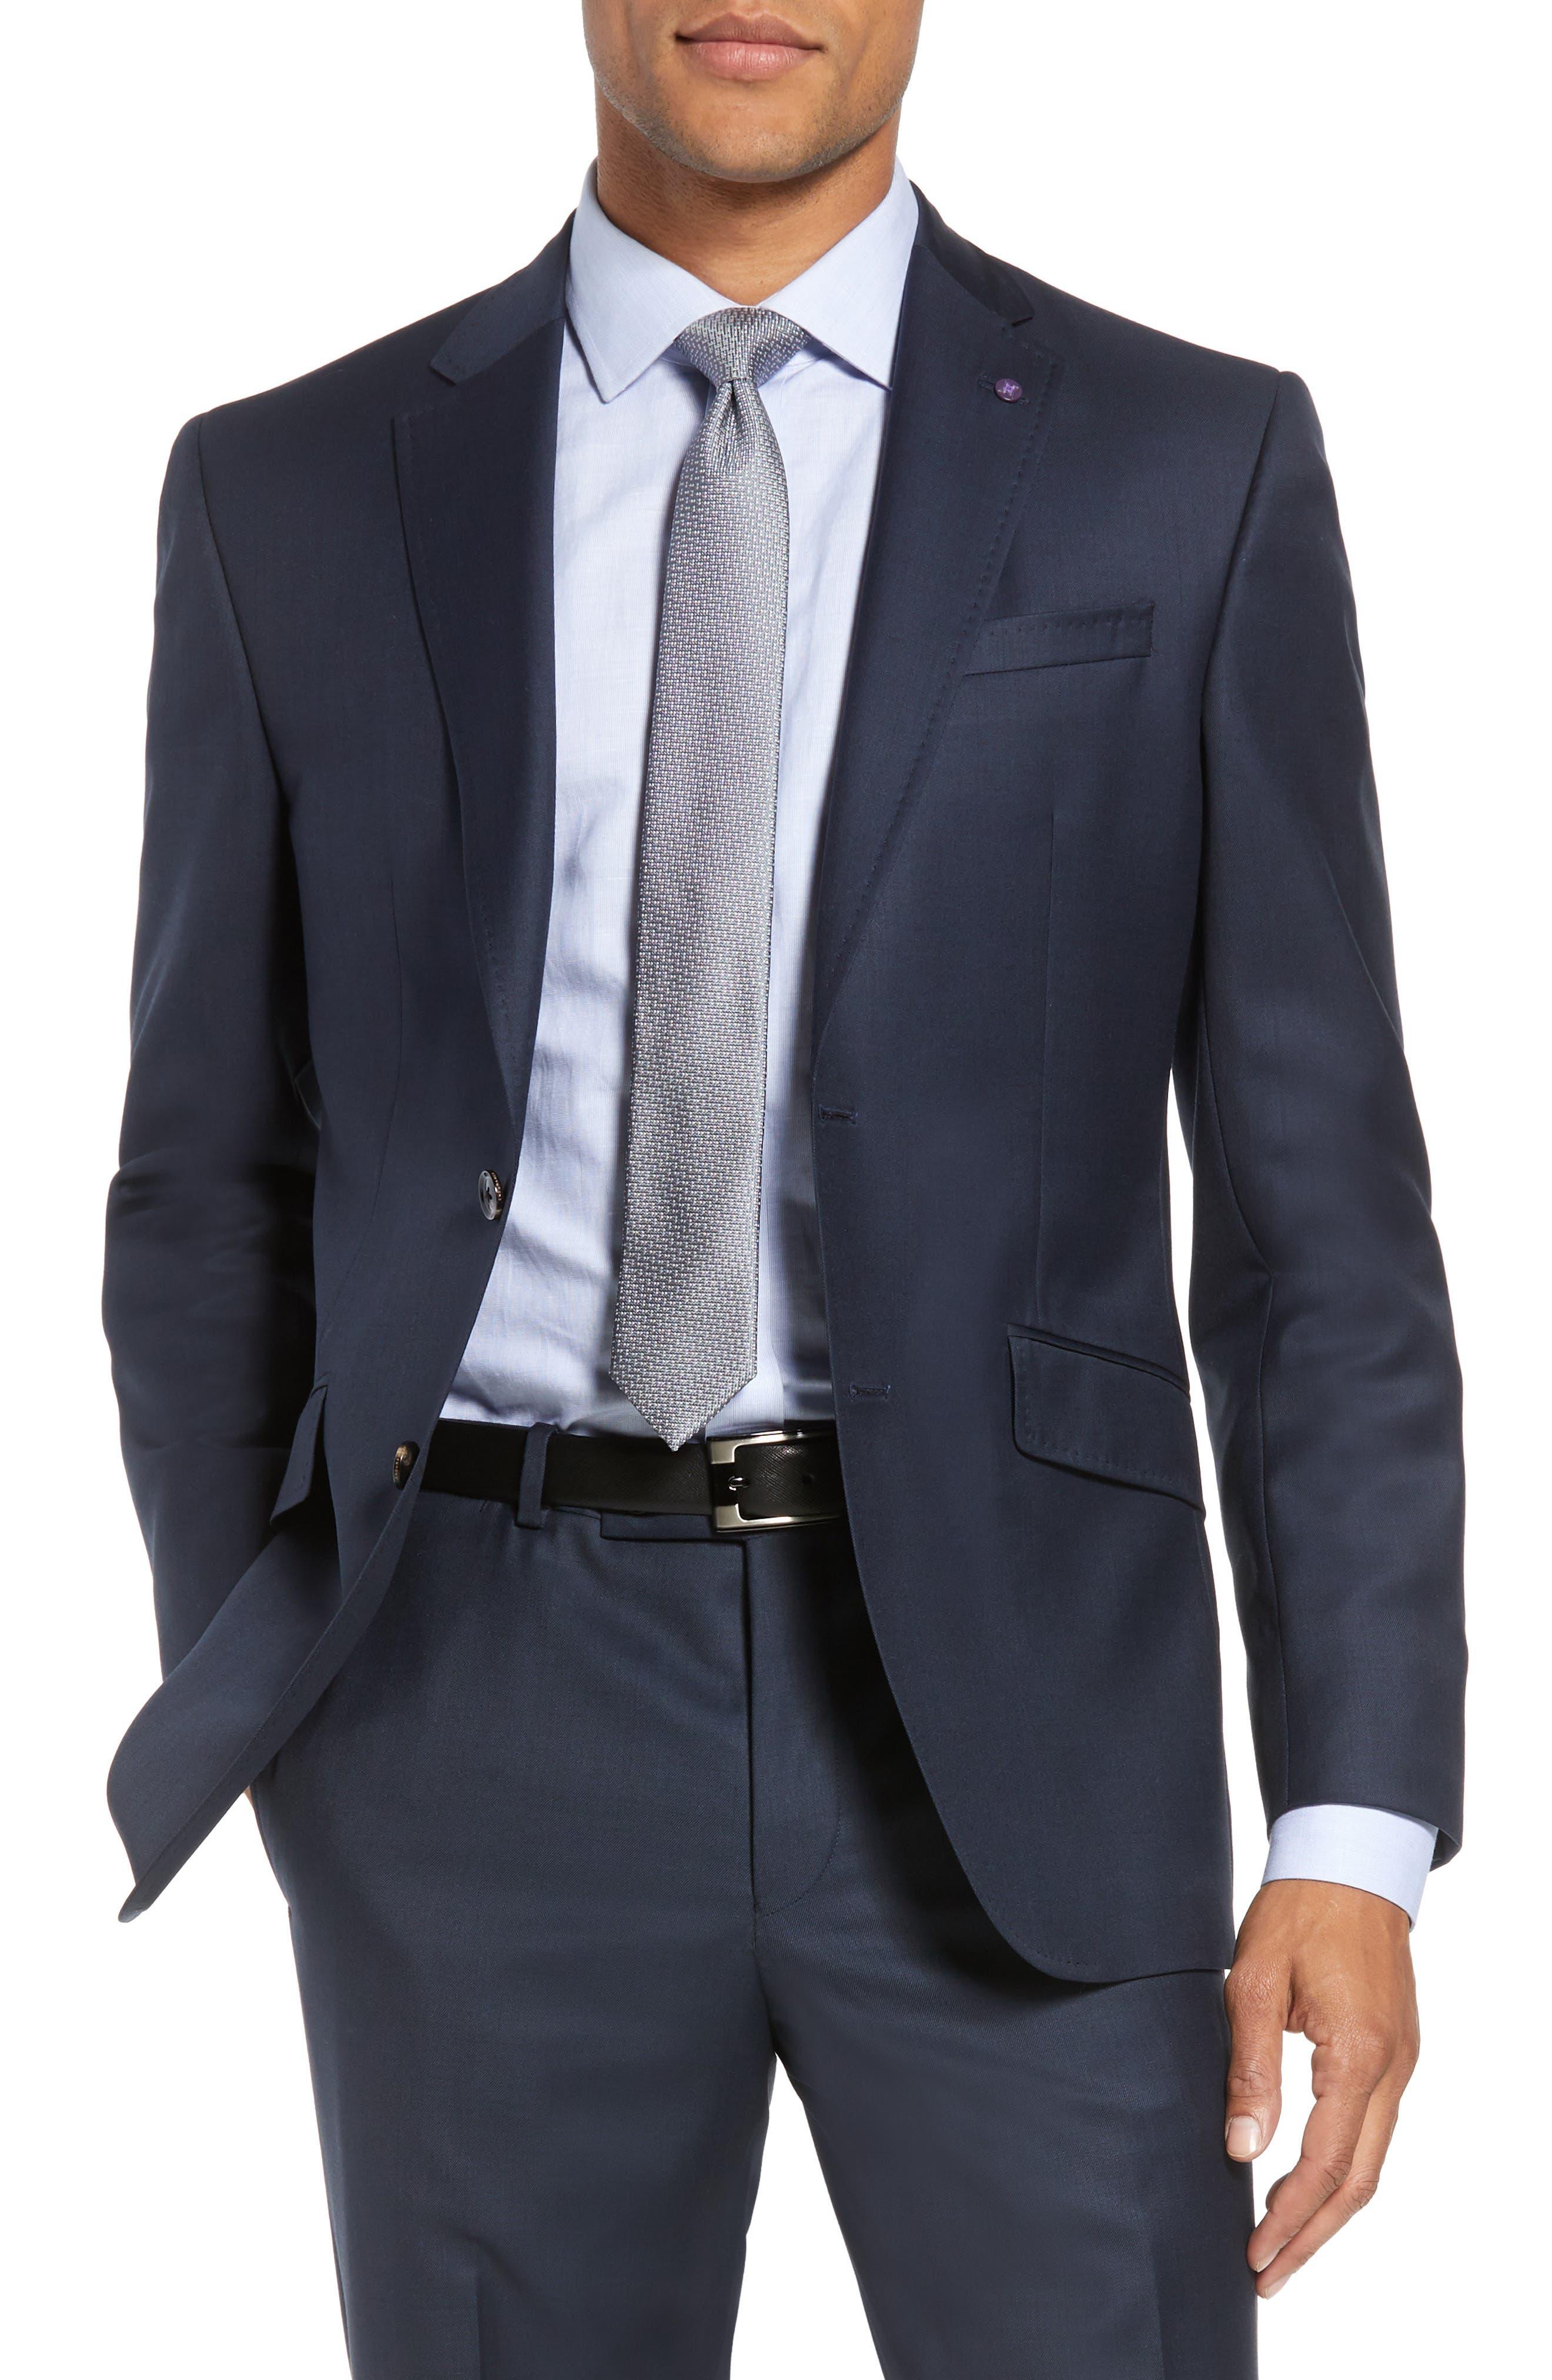 Jones Trim Fit Solid Wool Suit,                             Alternate thumbnail 5, color,                             Blue